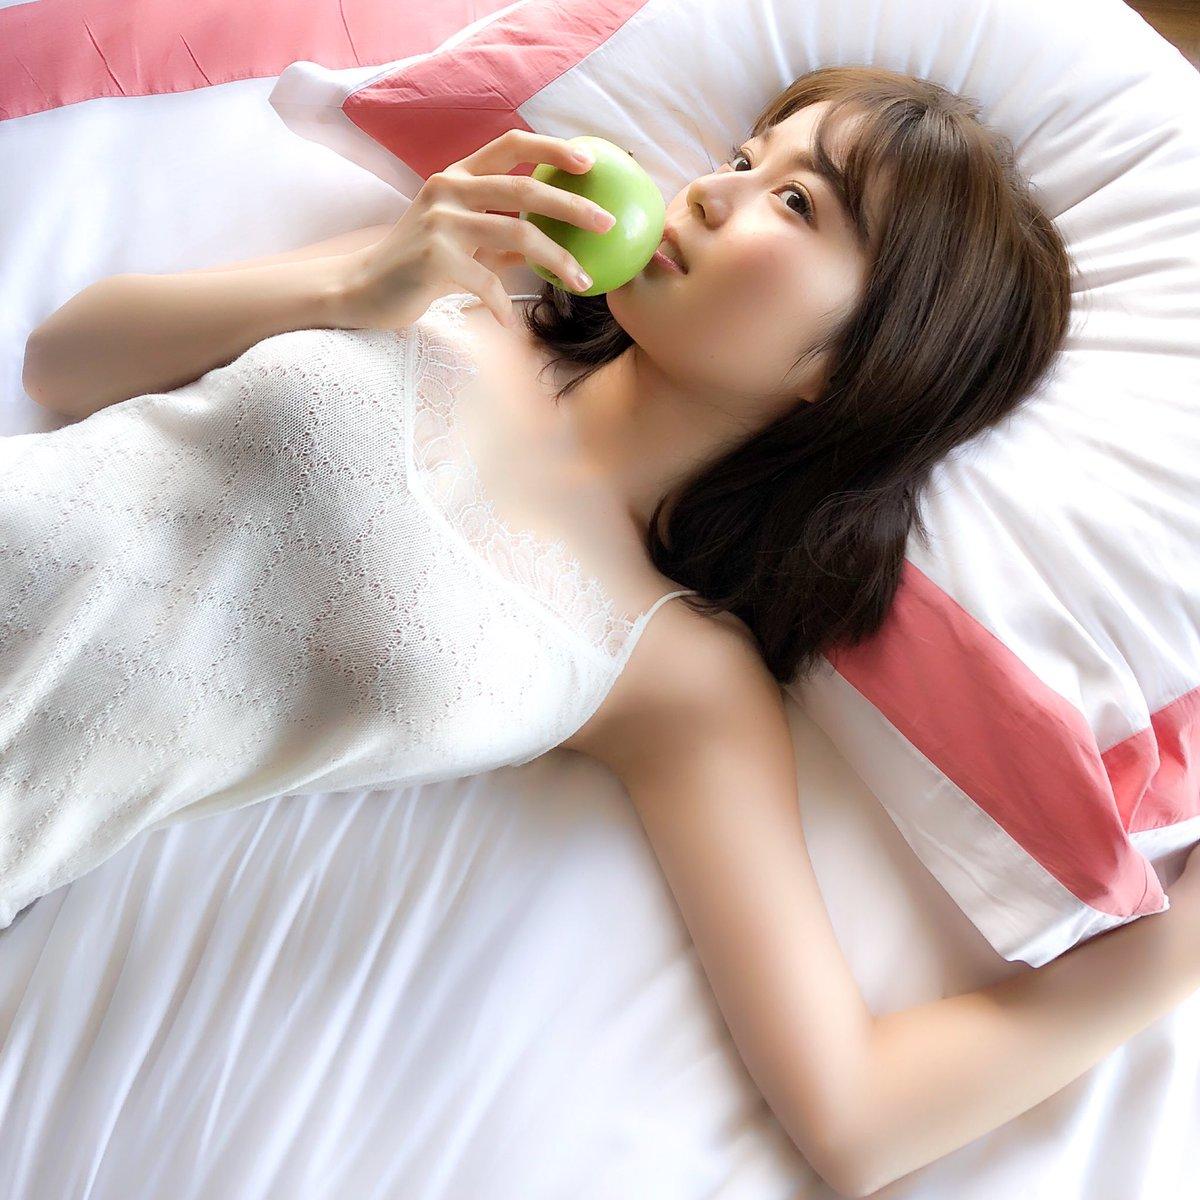 乃木坂46 生田繪梨花最新寫真INTERMIMSSION!1月22日發售可愛性感美照先行公開